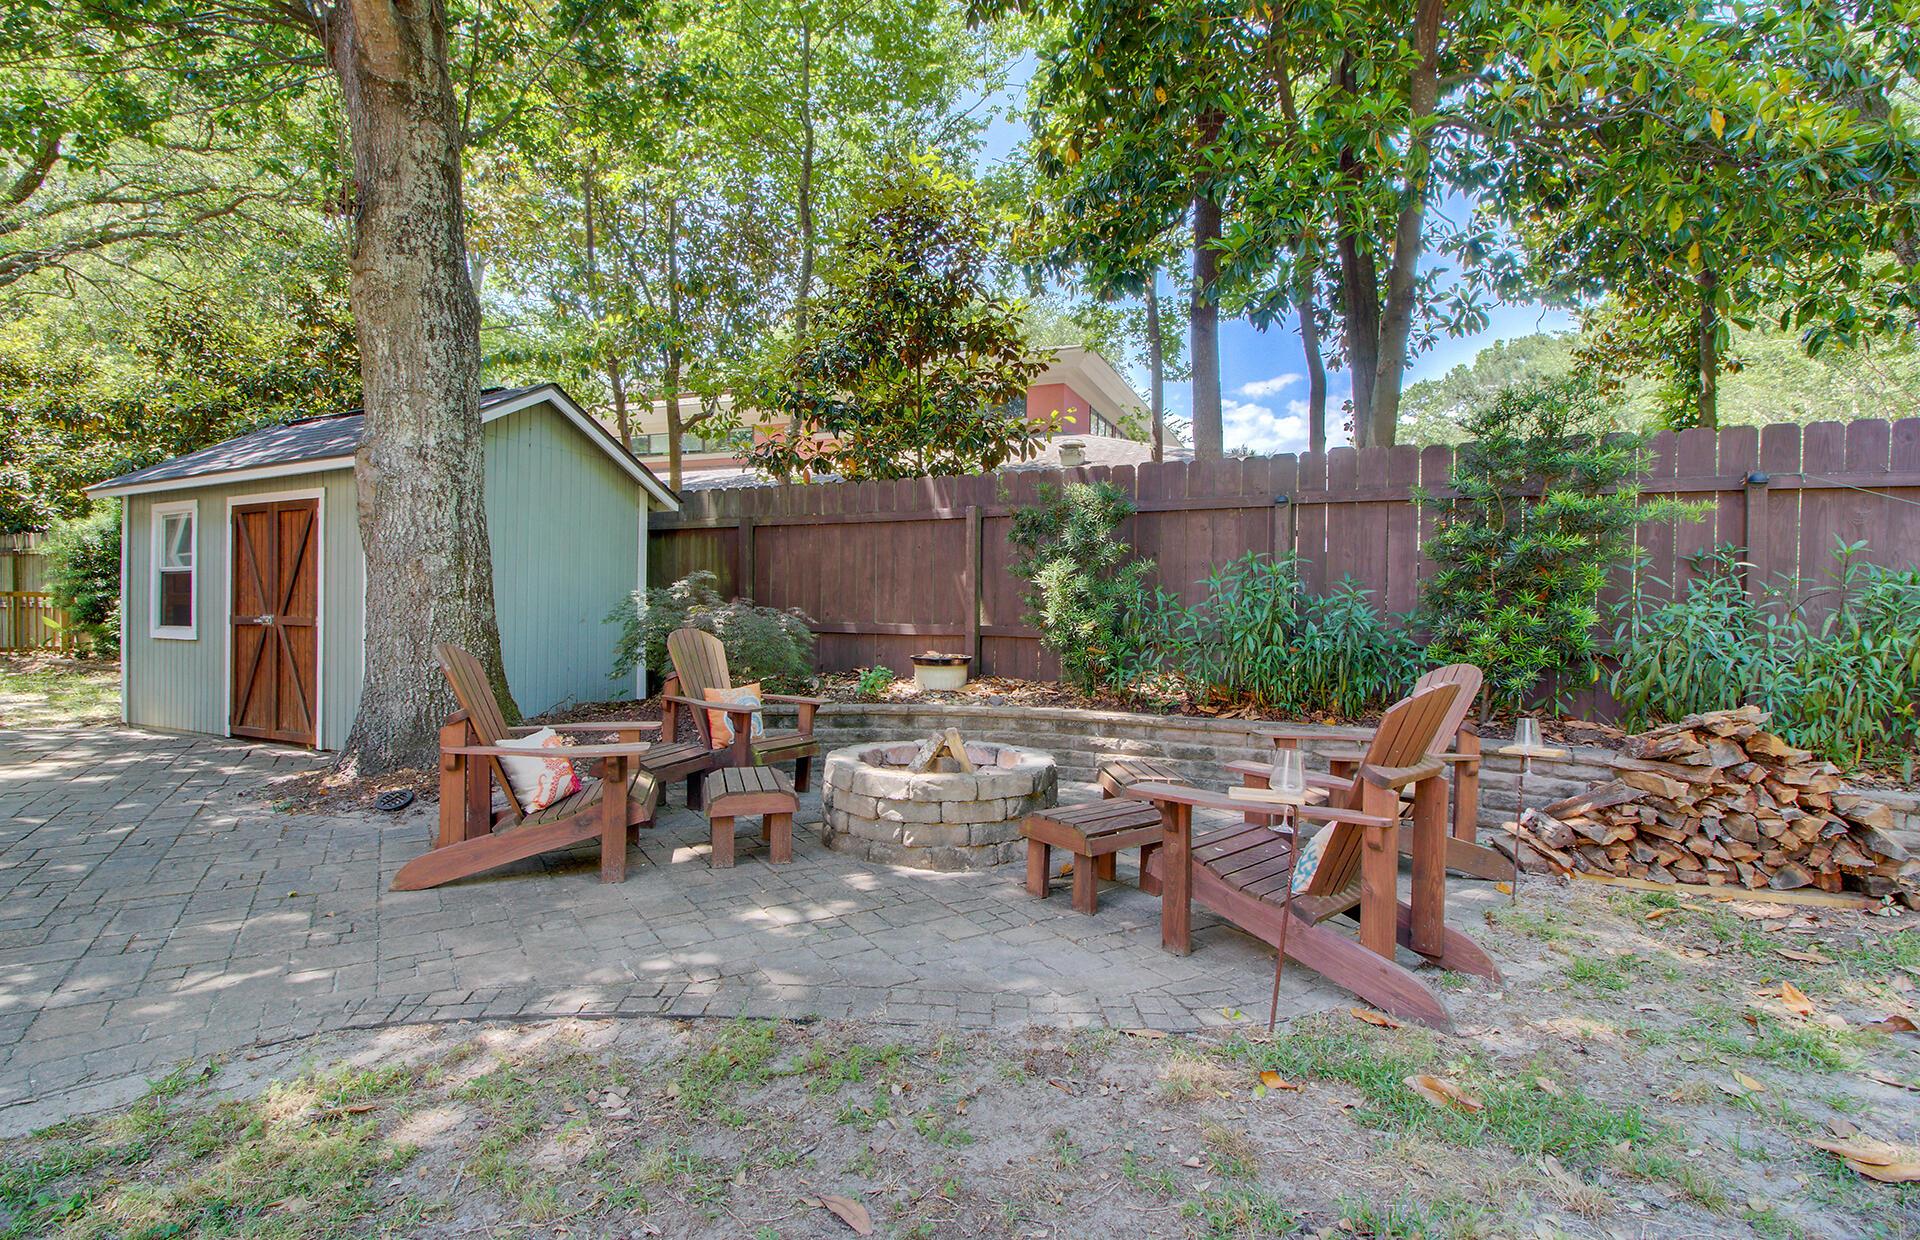 Phillips Park Homes For Sale - 1129 Phillips Park, Mount Pleasant, SC - 8